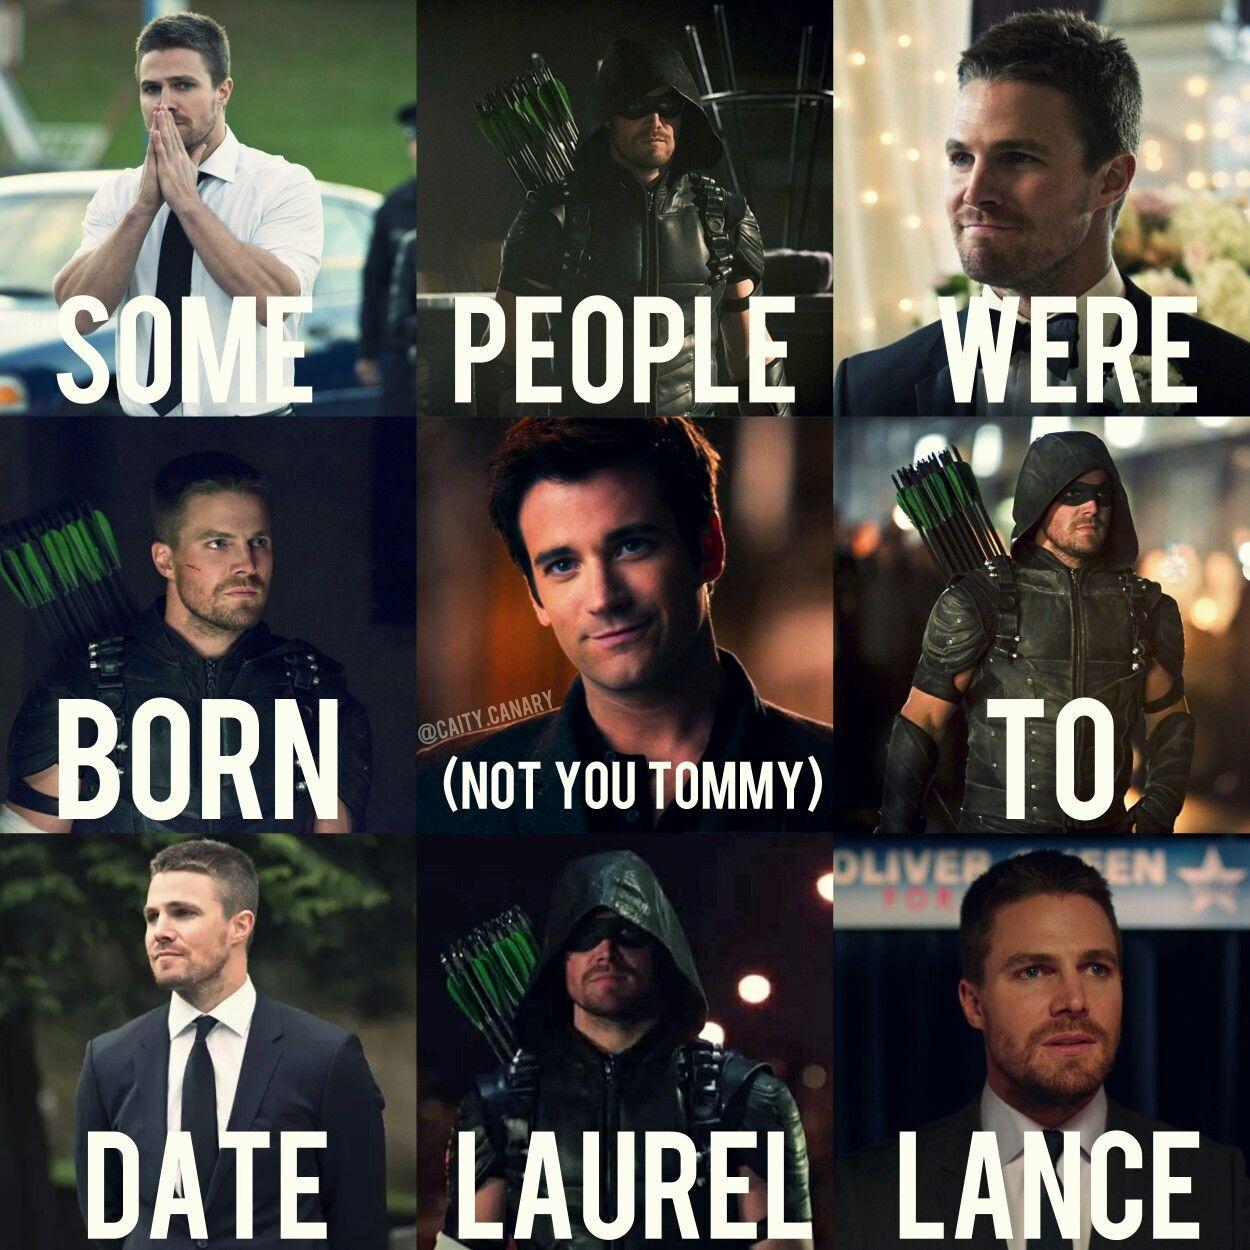 Oliver ja Laurel dating